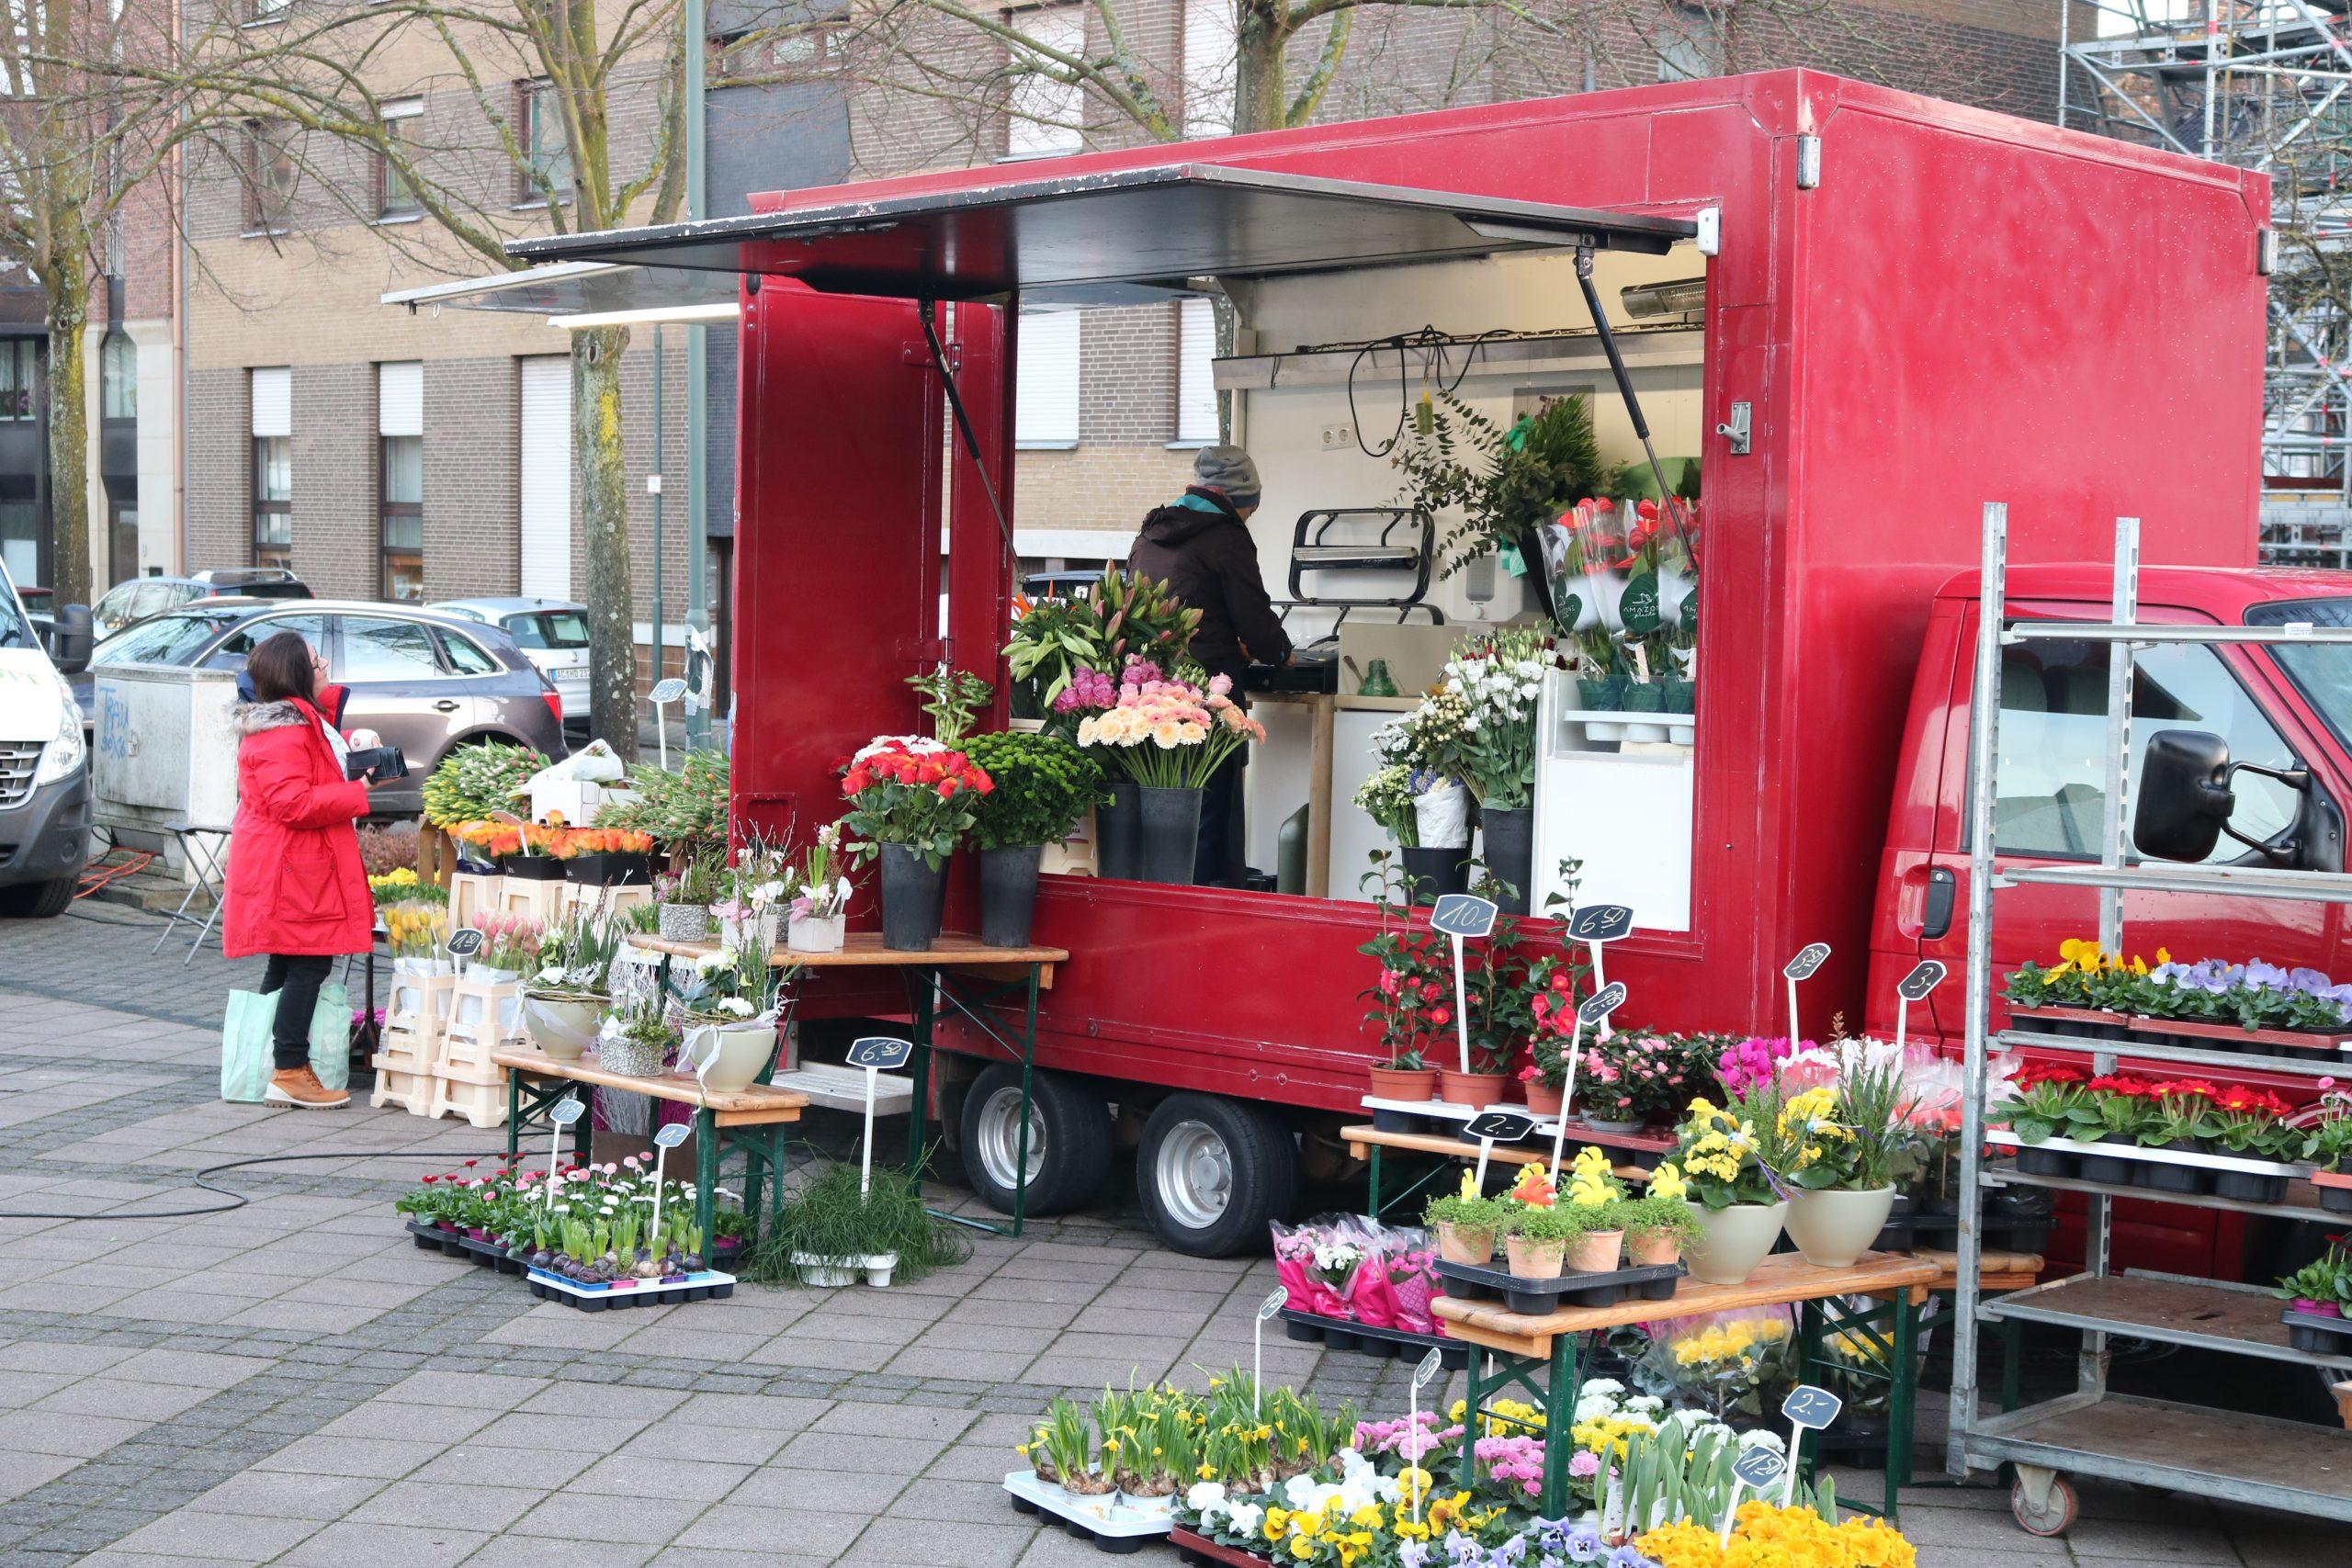 Blumen Hartmann – Unser Marktstand auf dem Wochenmarkt auf dem Jordansplatz in Stolberg